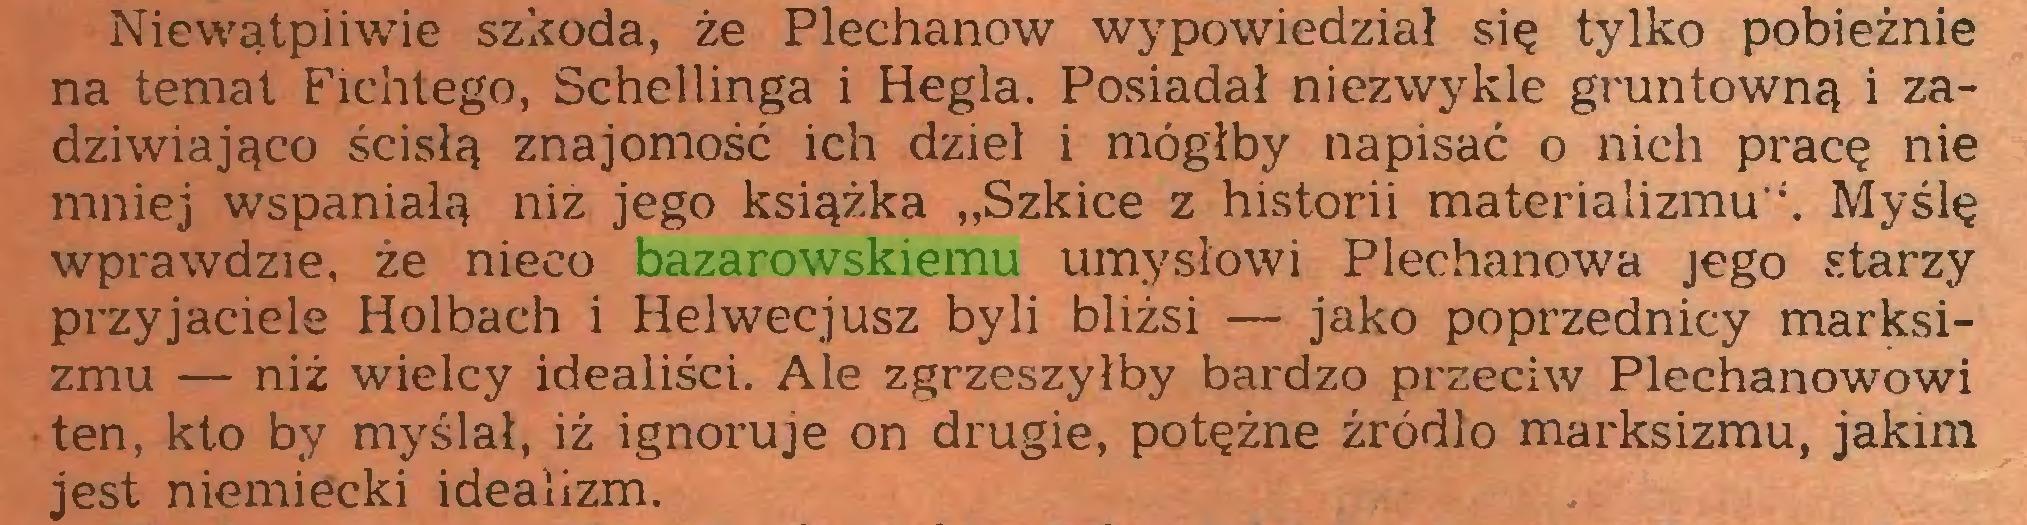 """(...) Niewątpiiwie szkoda, że Plechanow wypowiedział się tylko pobieżnie na temat Fichtego, Schellinga i Hegla. Posiadał niezwykle gruntowną i zadziwiająco ścisłą znajomość ich dzieł i mógłby napisać o nich pracę nie mniej wspaniałą niż jego książka """"Szkice z historii materializmu"""". Myślę wprawdzie, że nieco bazarowskiemu umysłowi Plechanowa jego starzy przyjaciele Holbach i Helwecjusz byli bliżsi — jako poprzednicy marksizmu — niż wielcy idealiści. Ale zgrzeszyłby bardzo przeciw Plechanowowi ten, kto by myślał, iż ignoruje on drugie, potężne źródło marksizmu, jakim jest niemiecki idealizm..."""